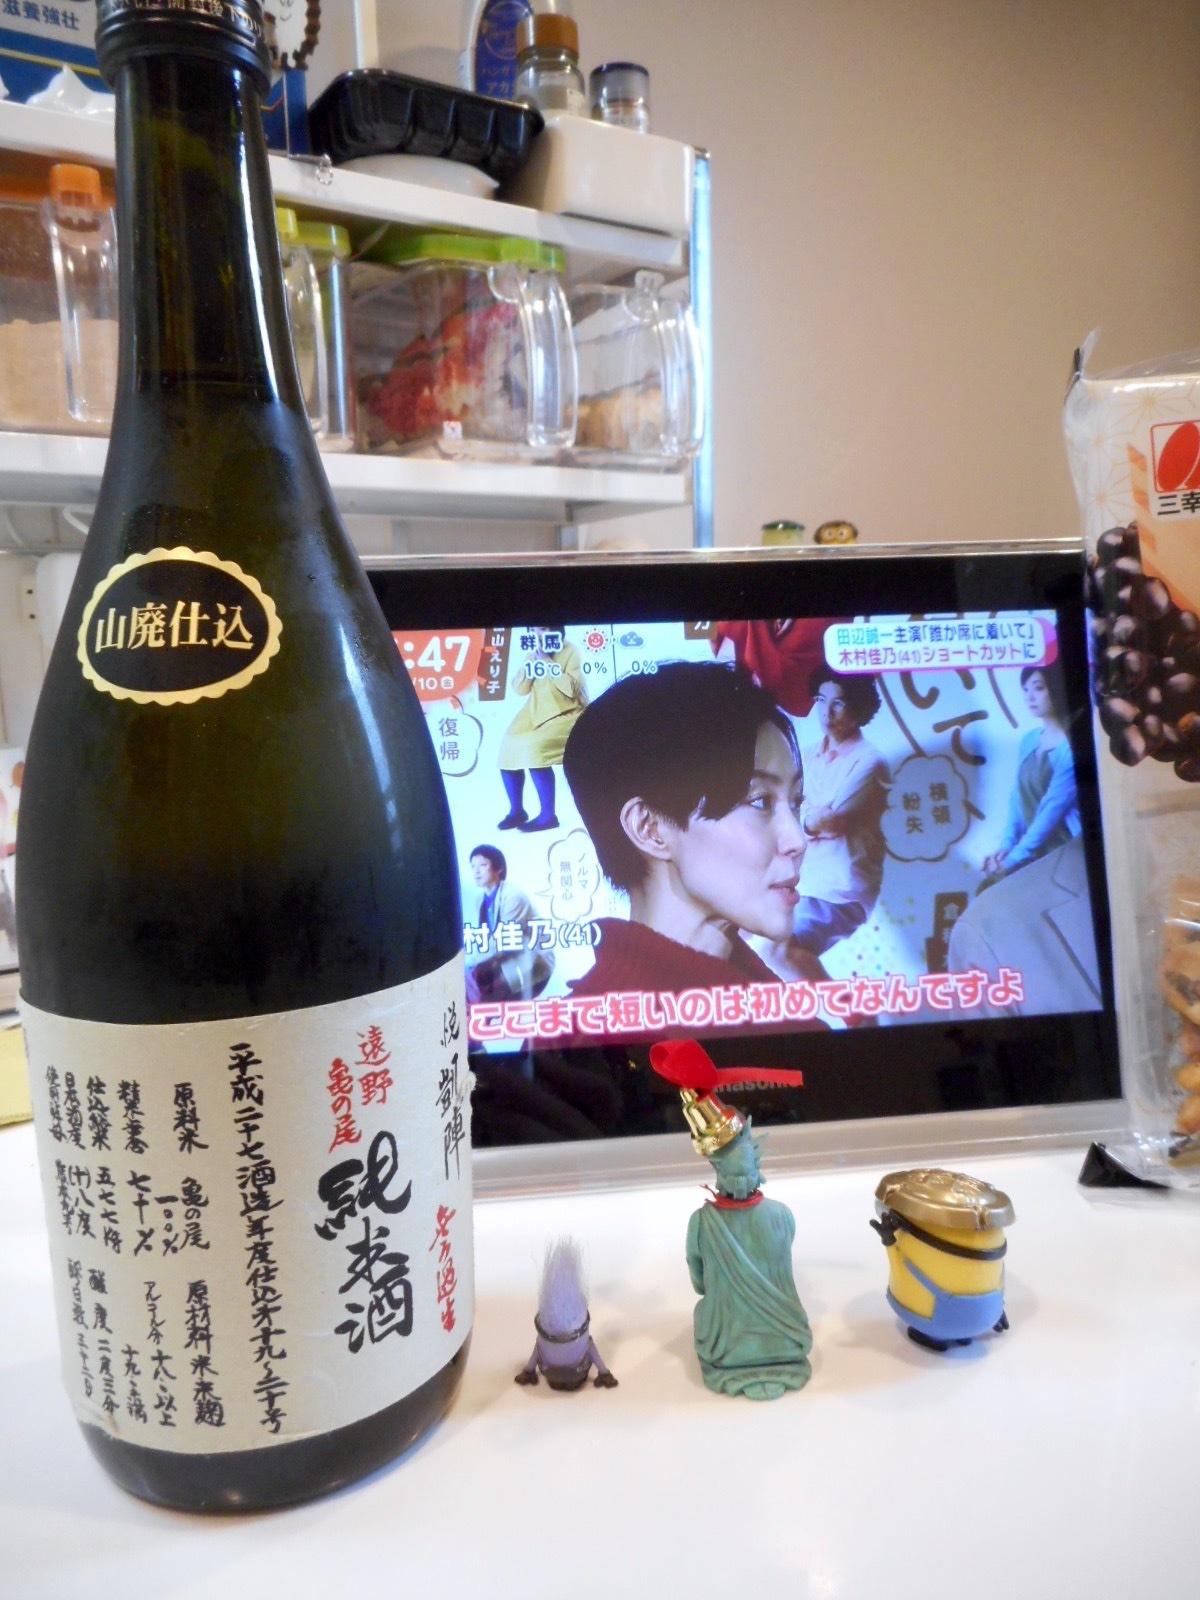 yorokobigaijin_toonokamenoo27by3.jpg